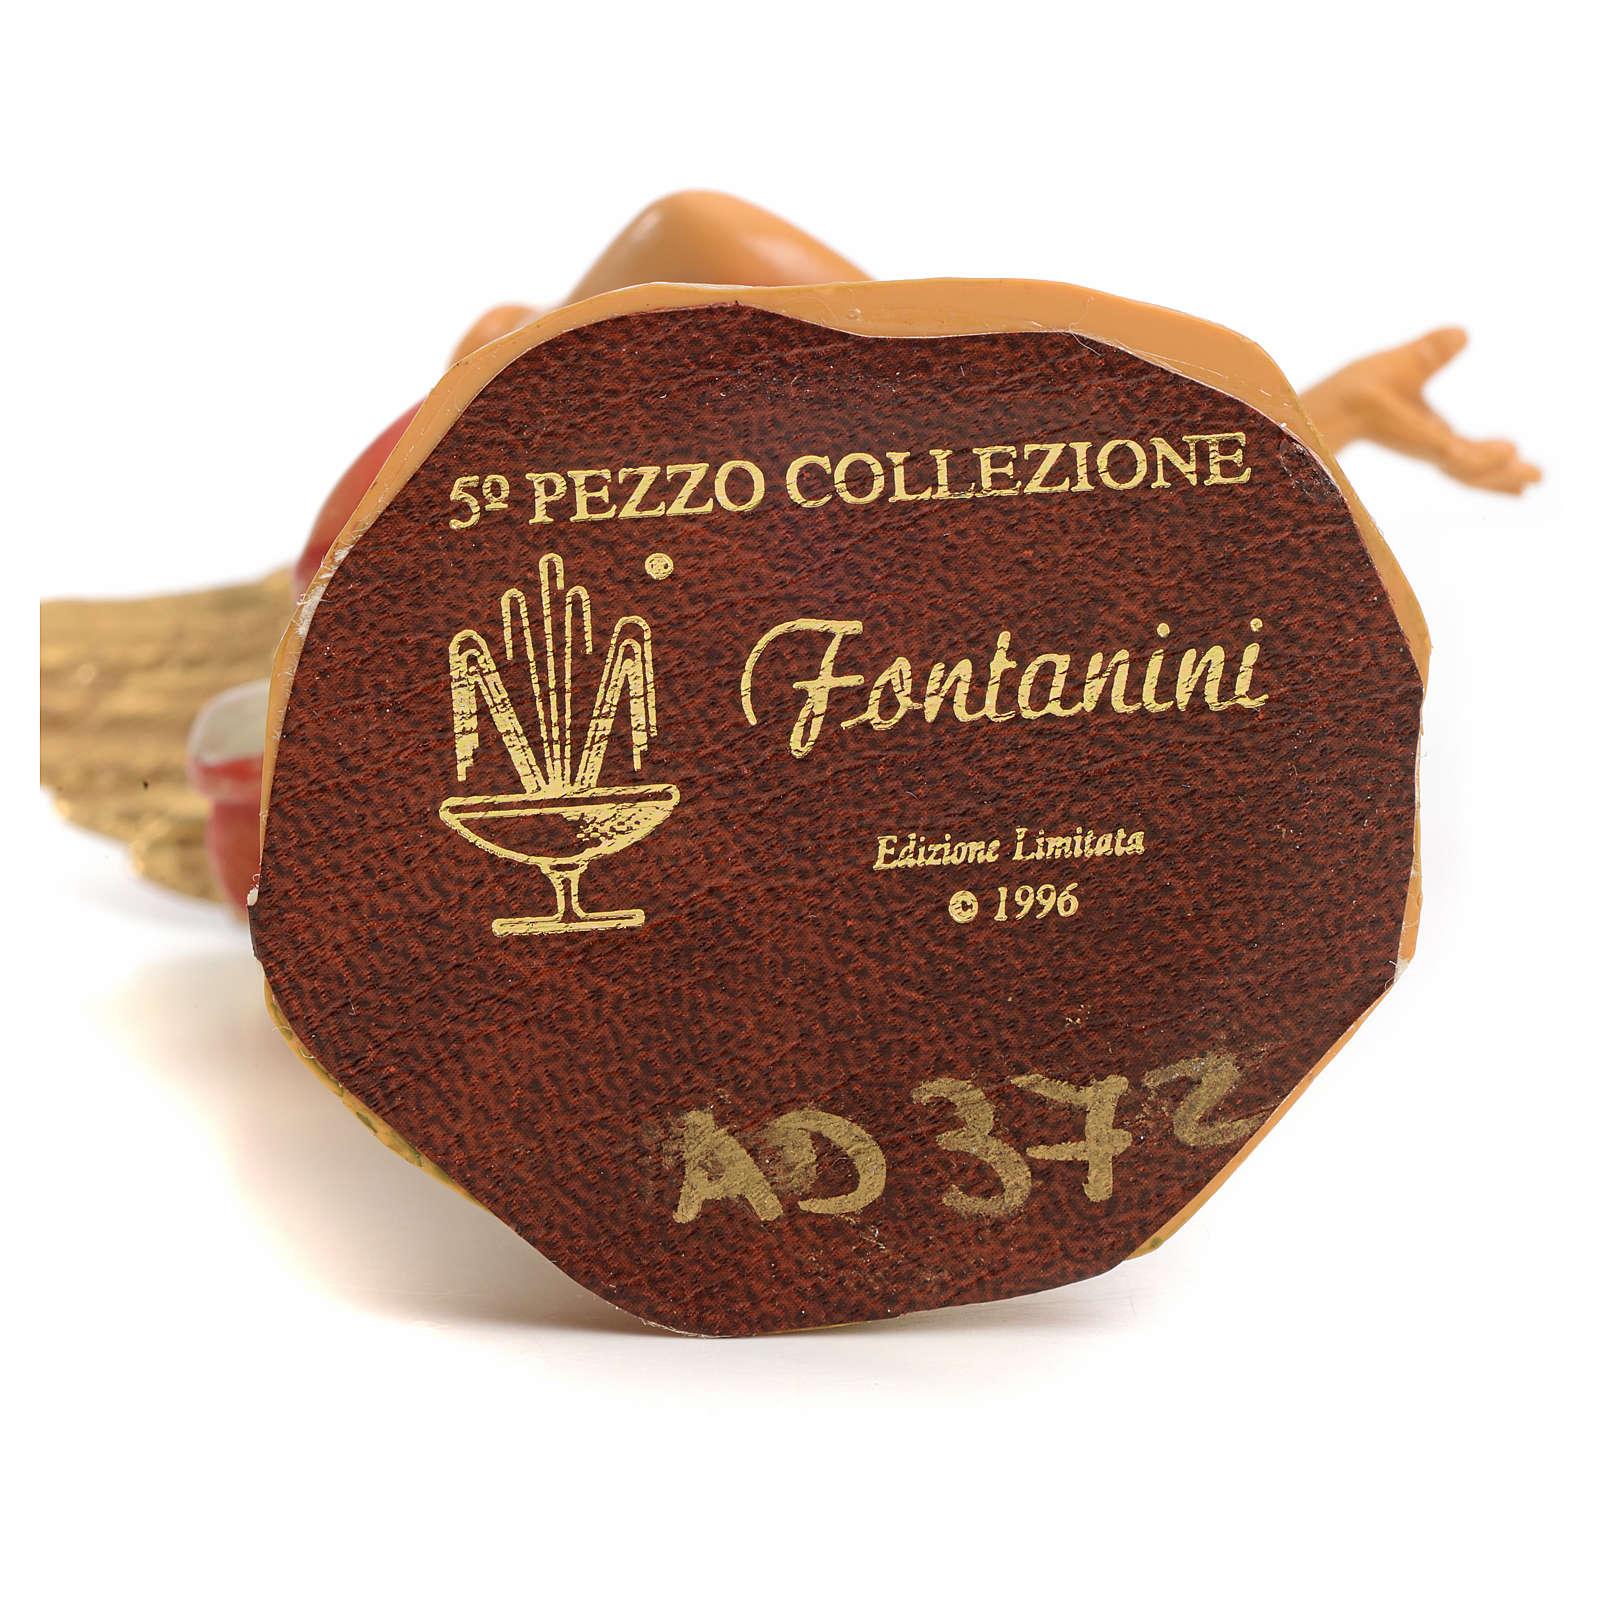 Raphael 12 cm Fontanini edizione limitata anno 1996 3